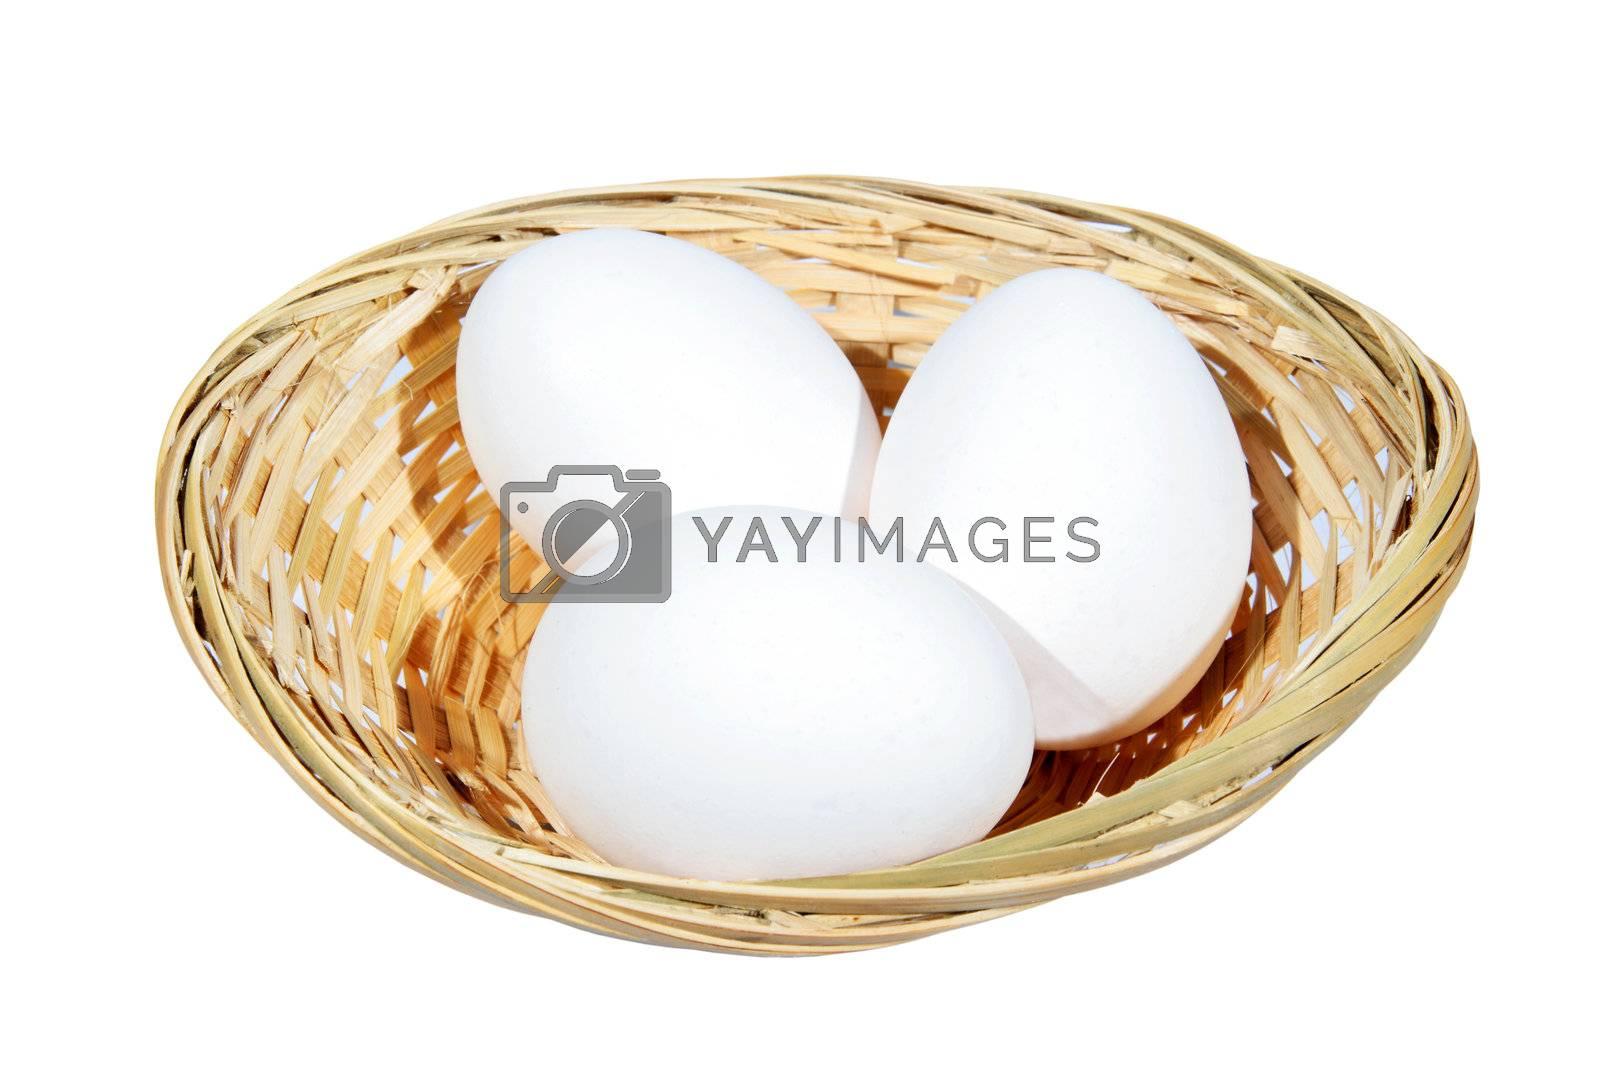 Chicken eggs in a wicker basket by aptyp_kok